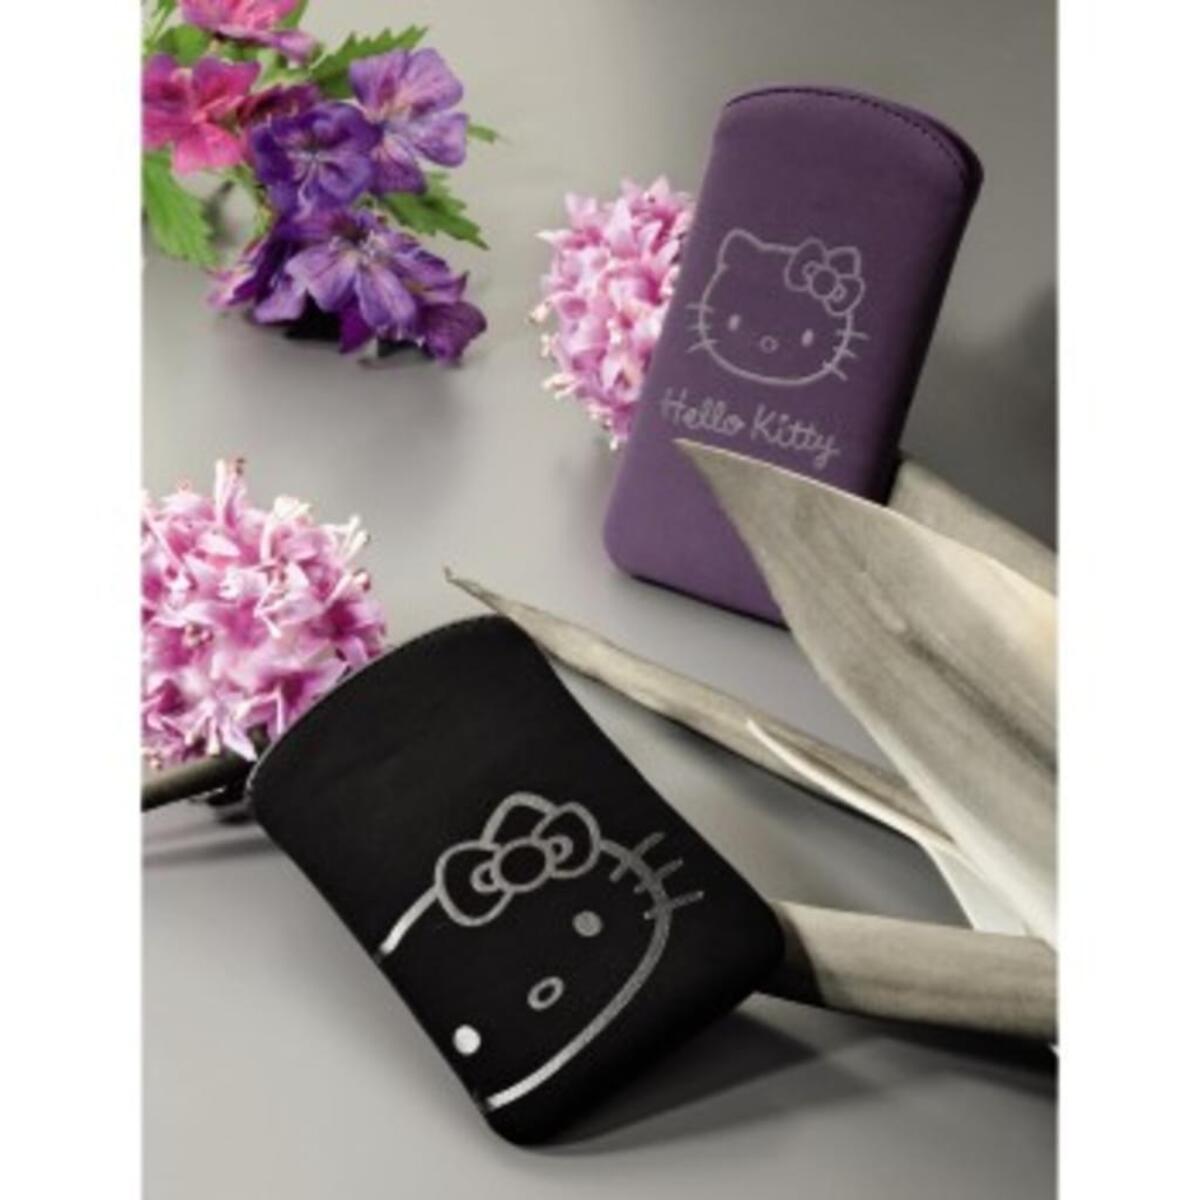 Bild 2 von Handy-/Smartphone Tasche Hello Kitty